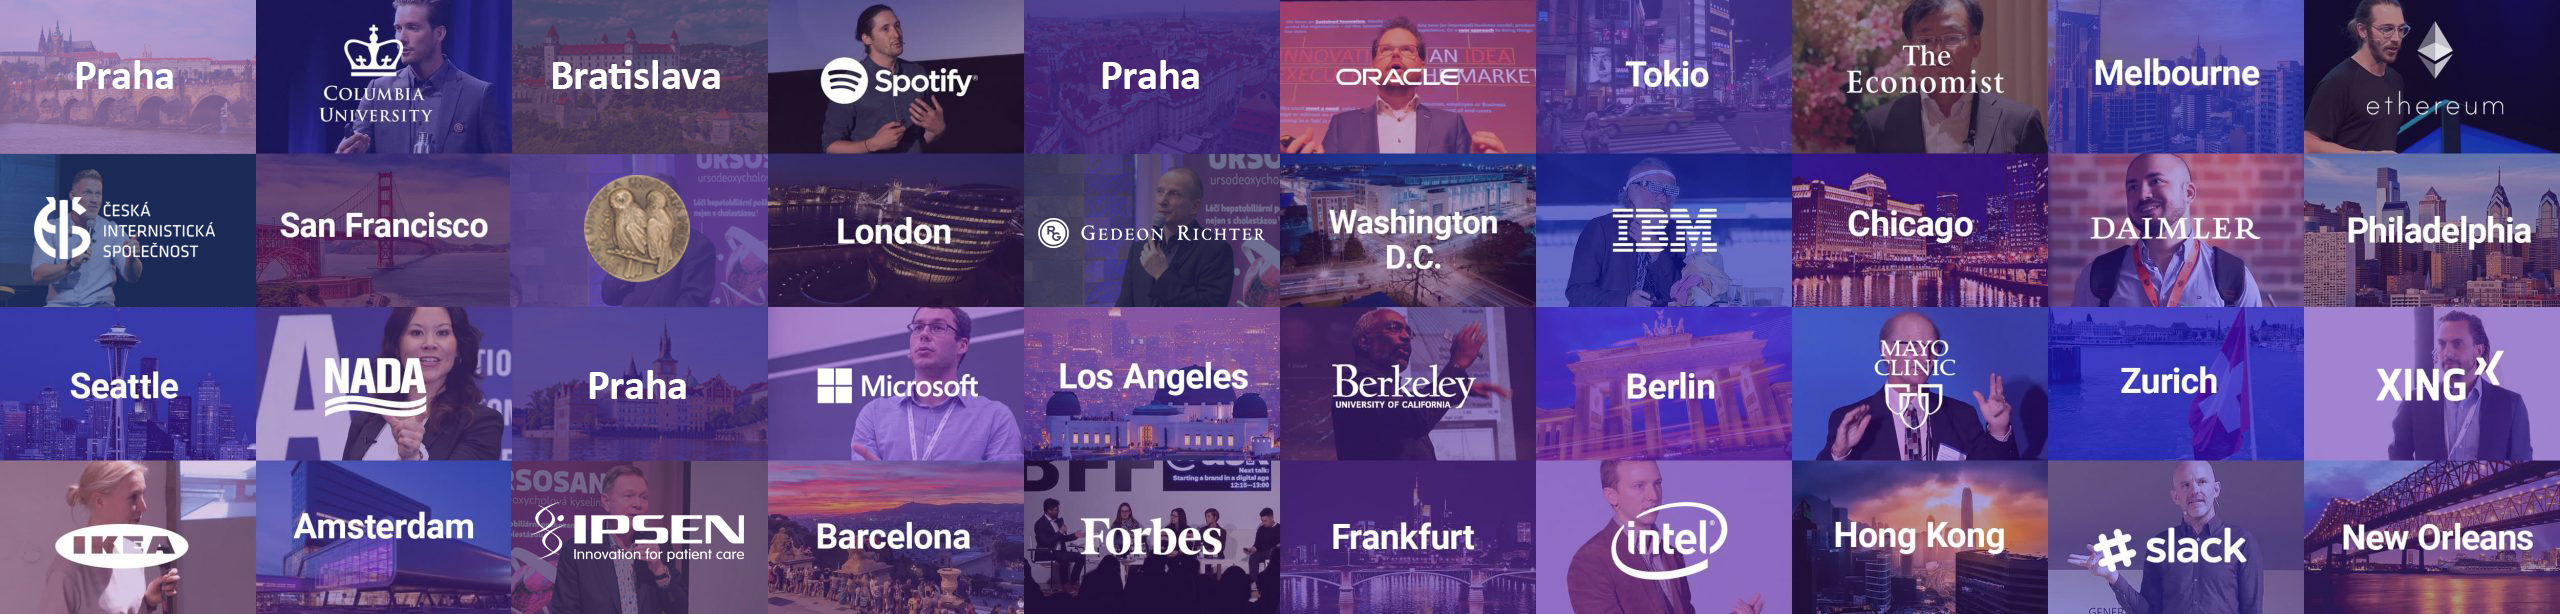 Seznam konferencí